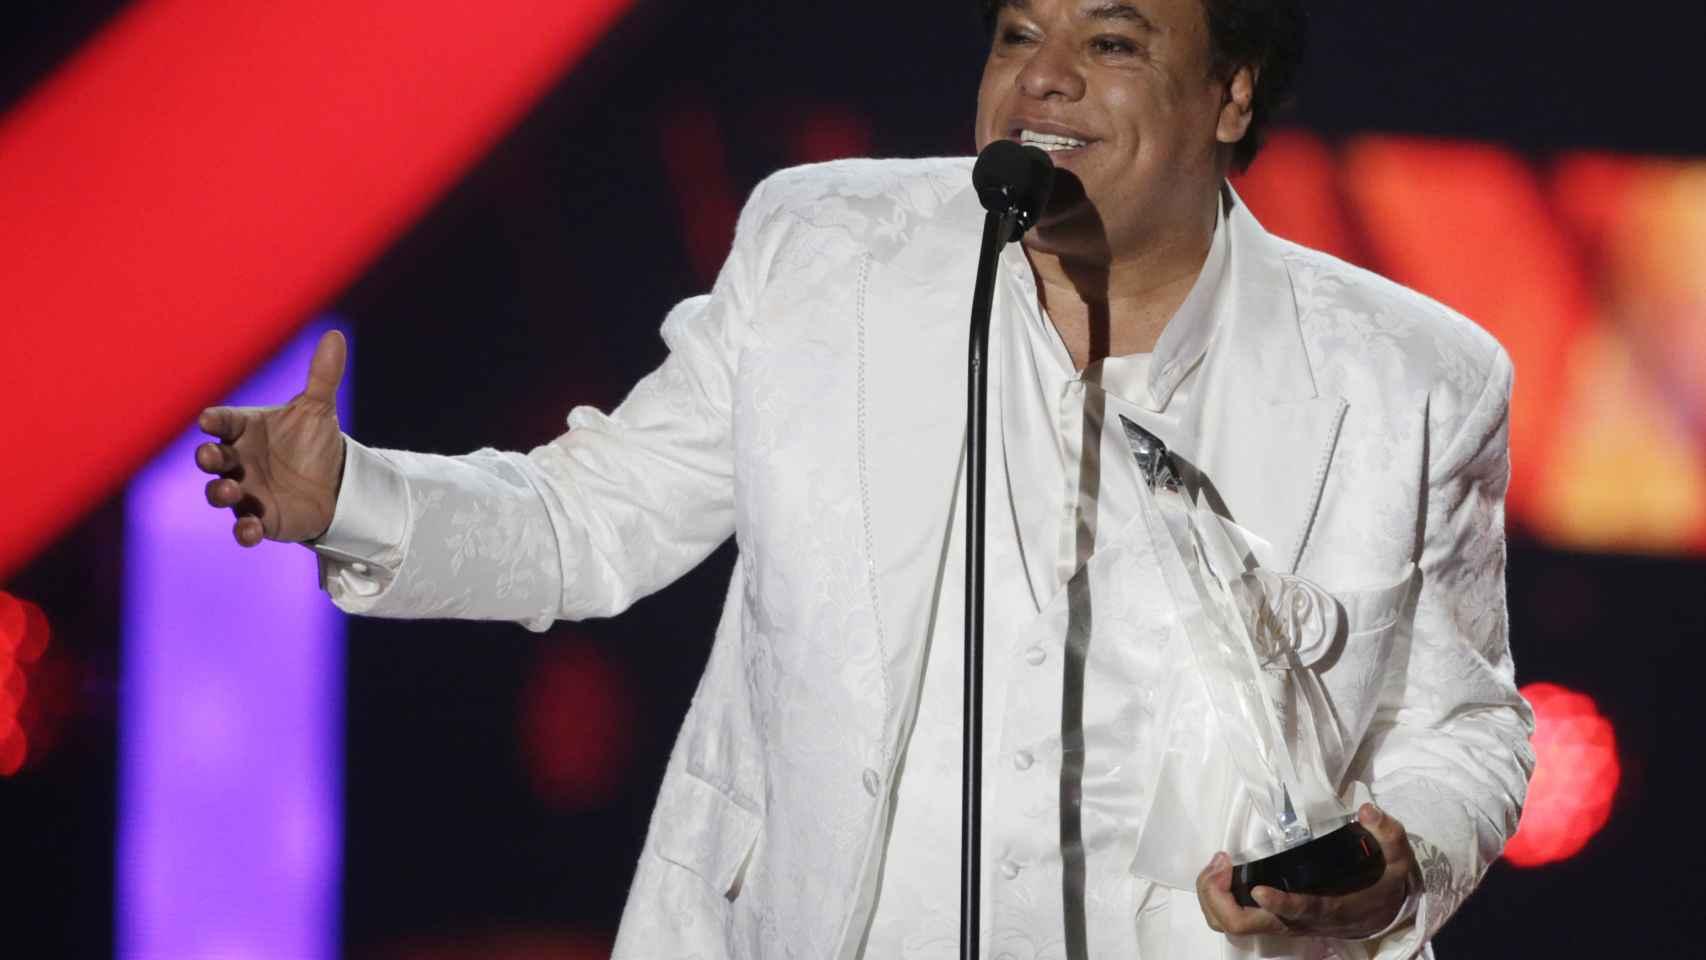 El cantante Juan Gabriel sobre el escenario